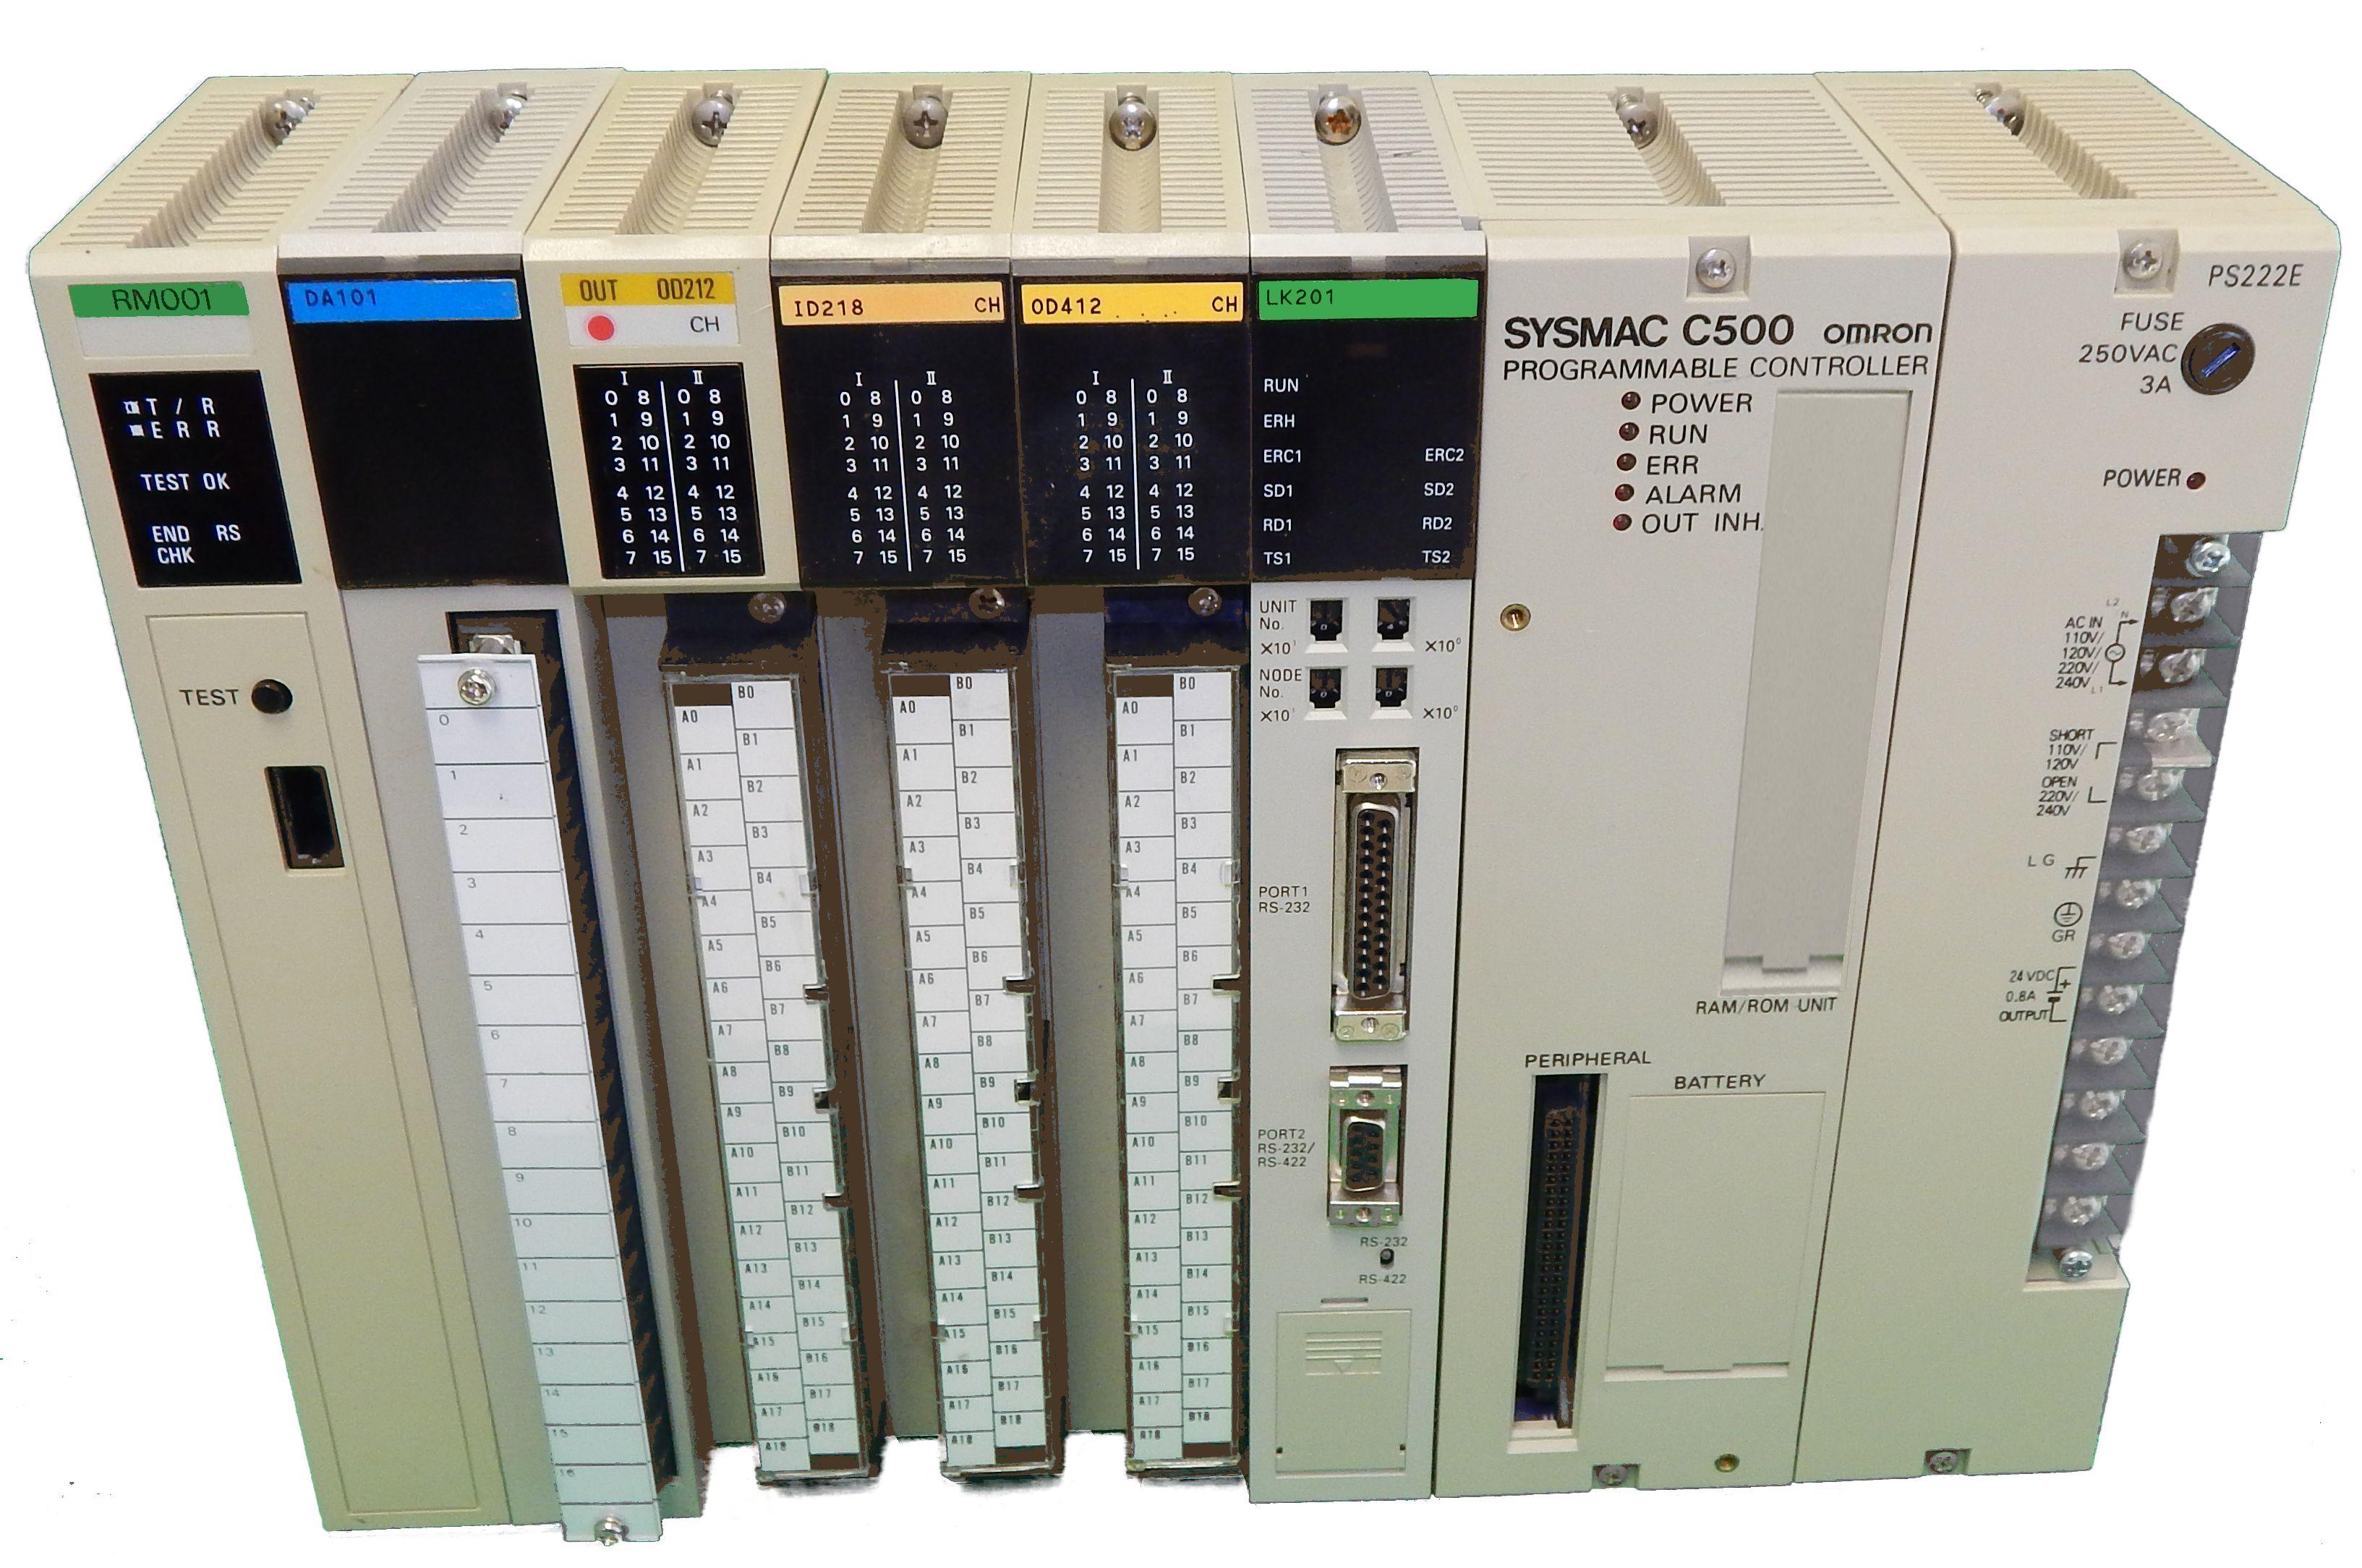 3G2A5-AE001